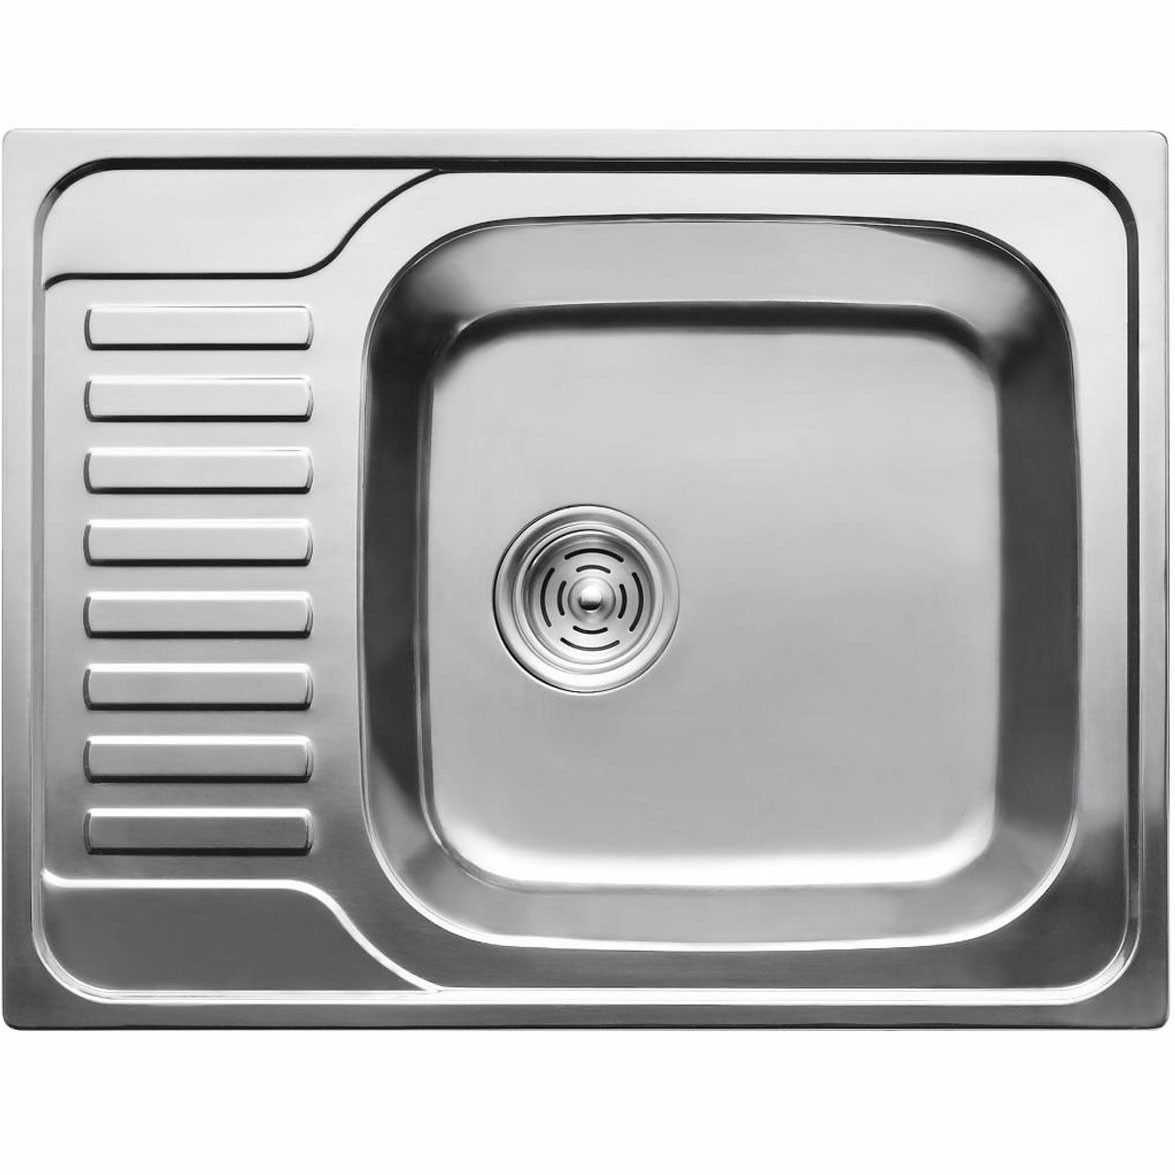 Кухонная мойка из нержавеющей стали ULA 7202 ZS decor 08mm